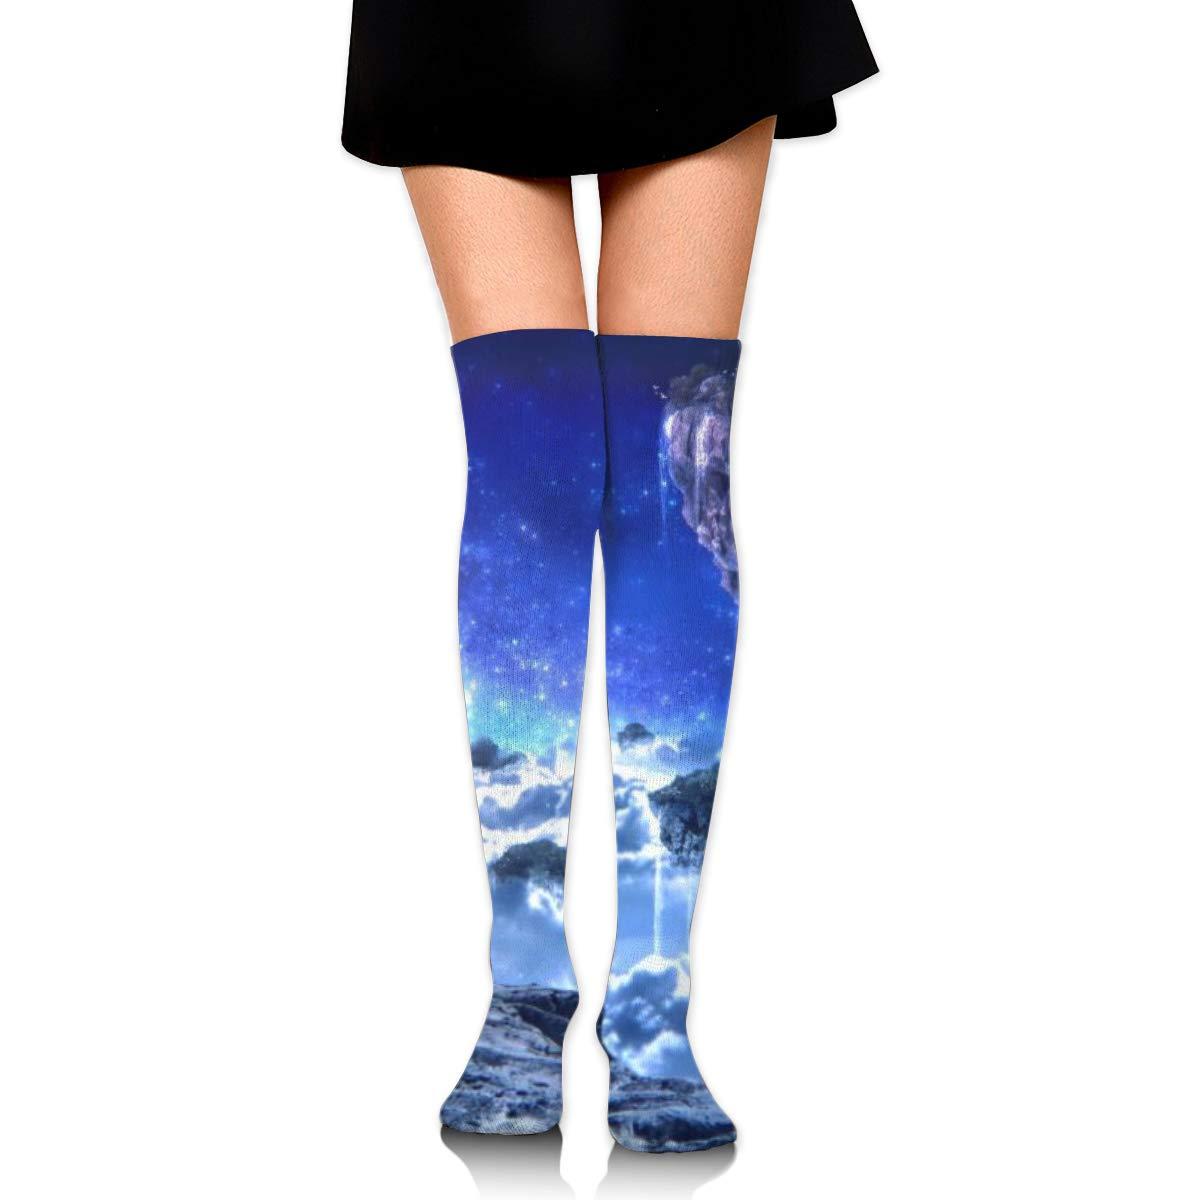 Kjaoi Girl Skirt Socks Uniform Landscape Floating Islands Women Tube Socks Compression Socks